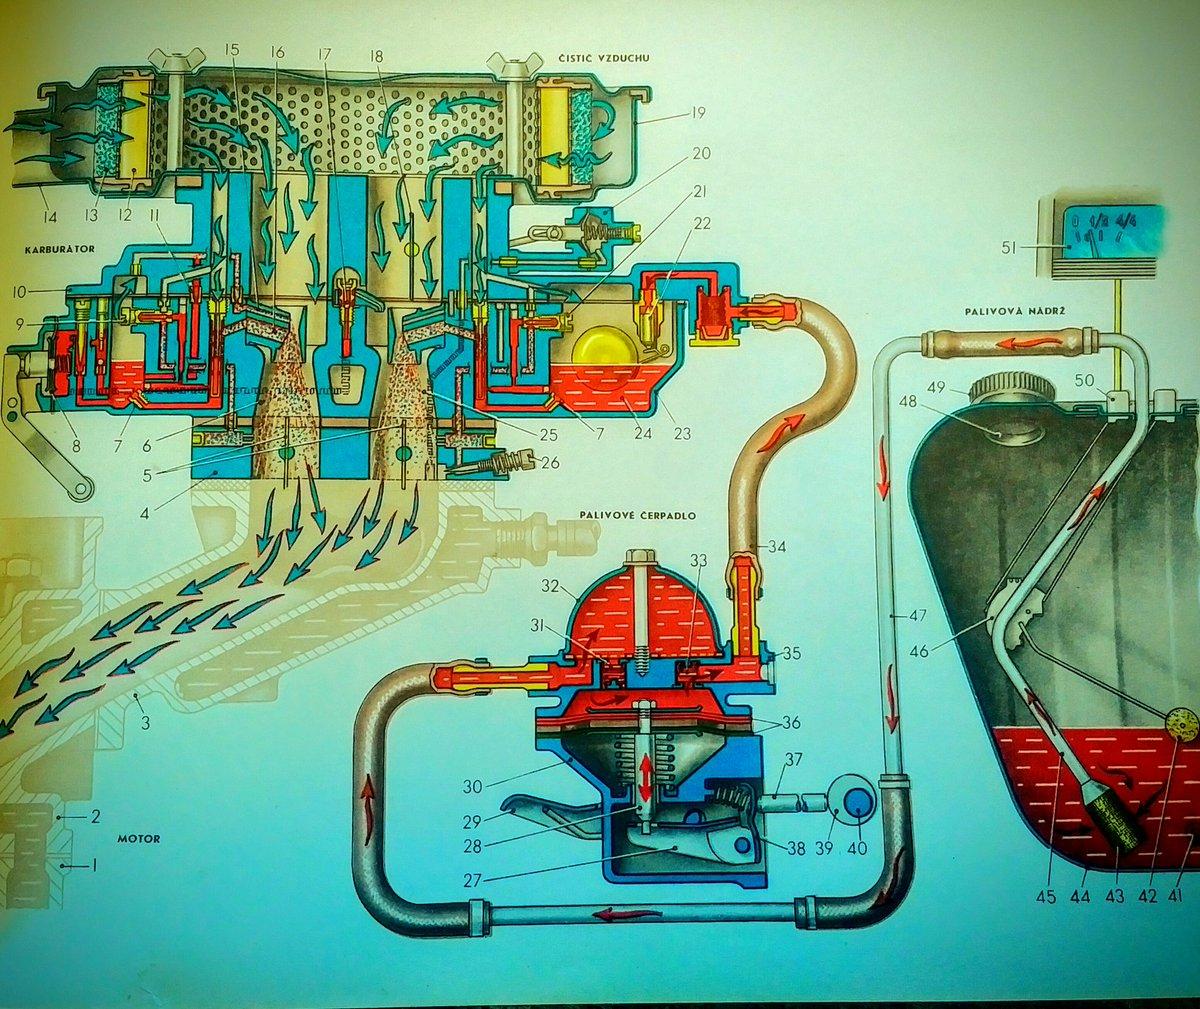 Топливная система уаз инжектор схема